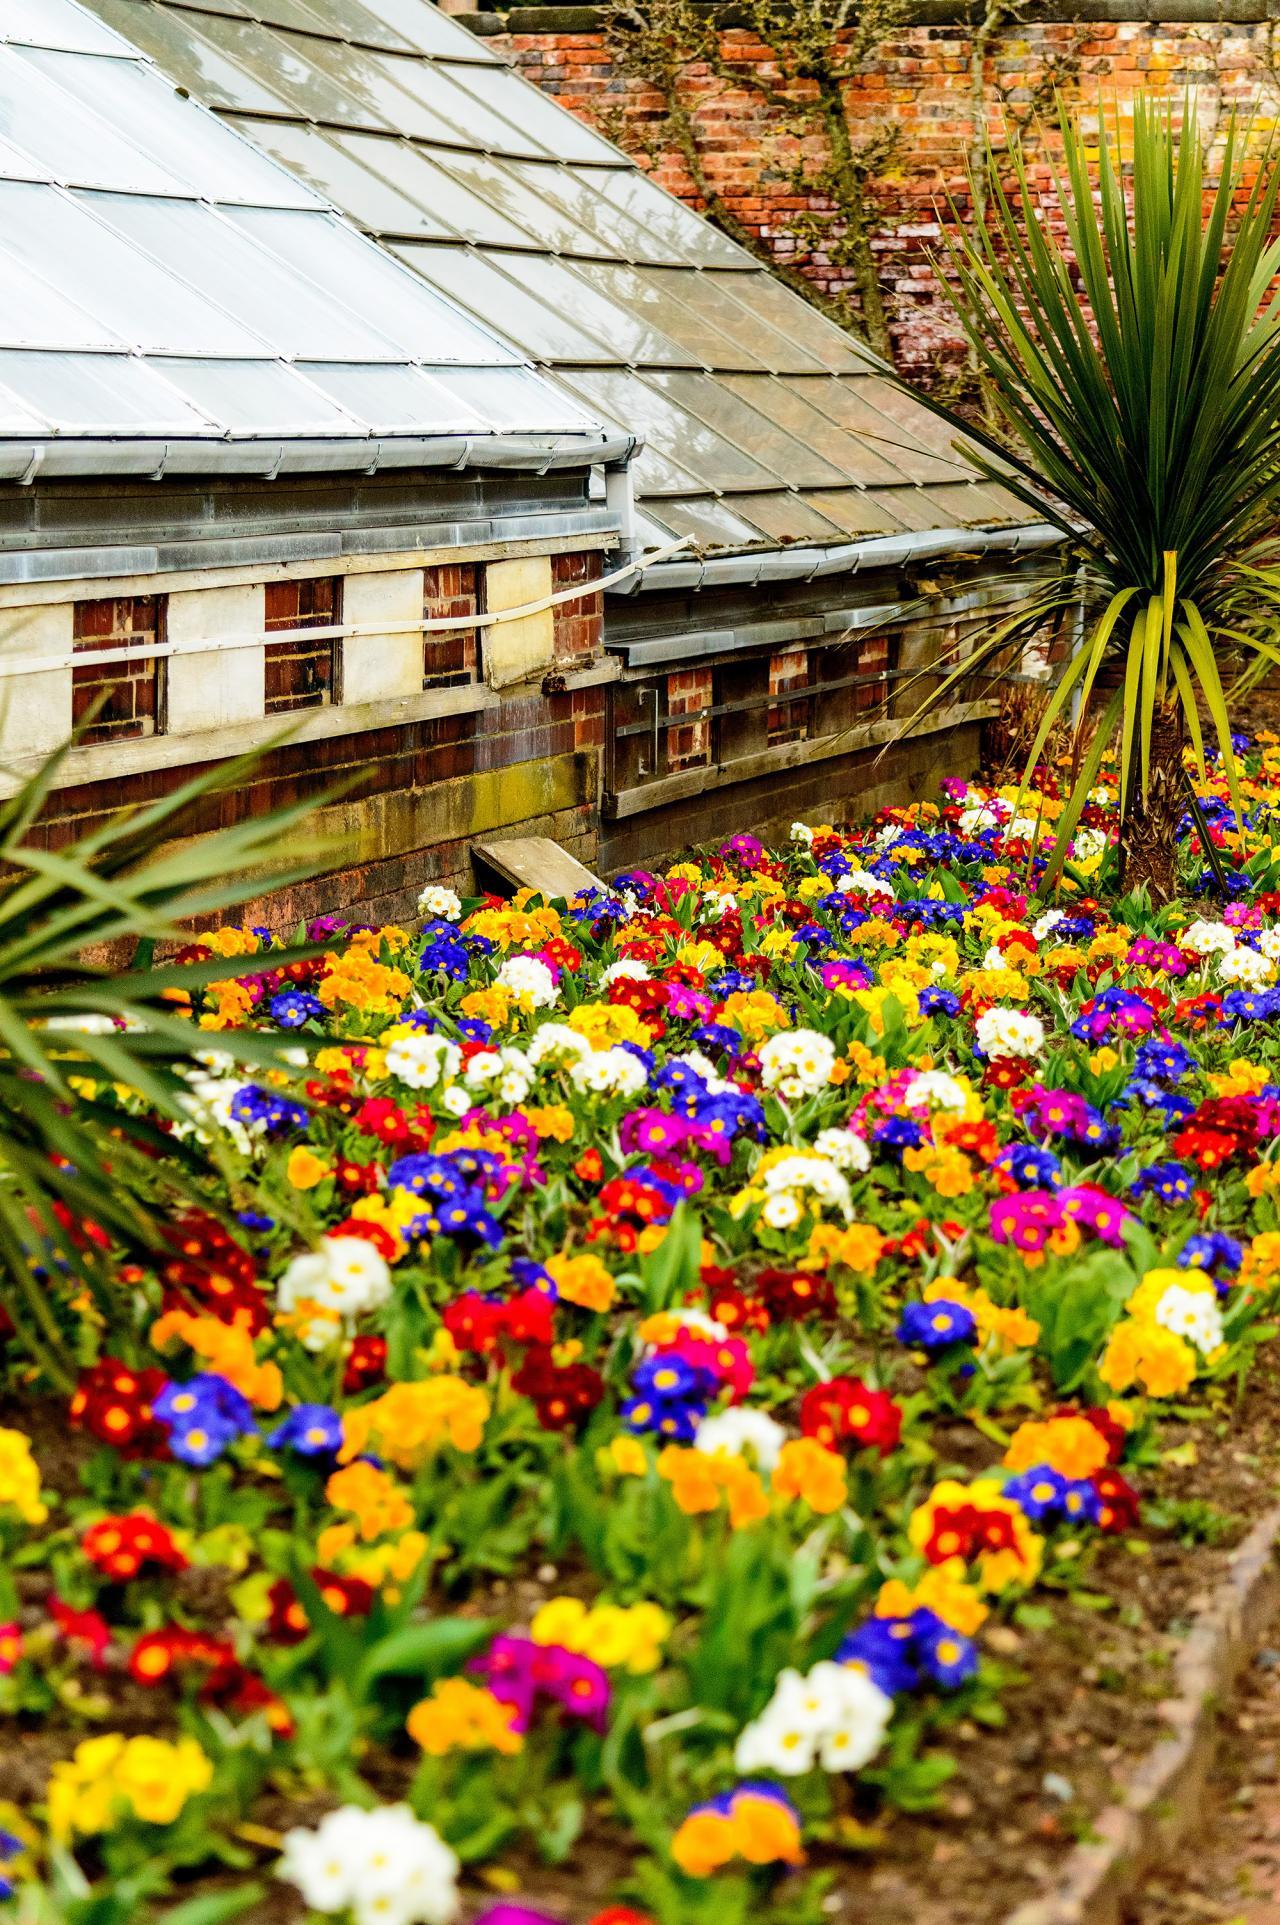 Dise os atractivos para jardines peque os lifestyle de for Jardines para espacios pequenos